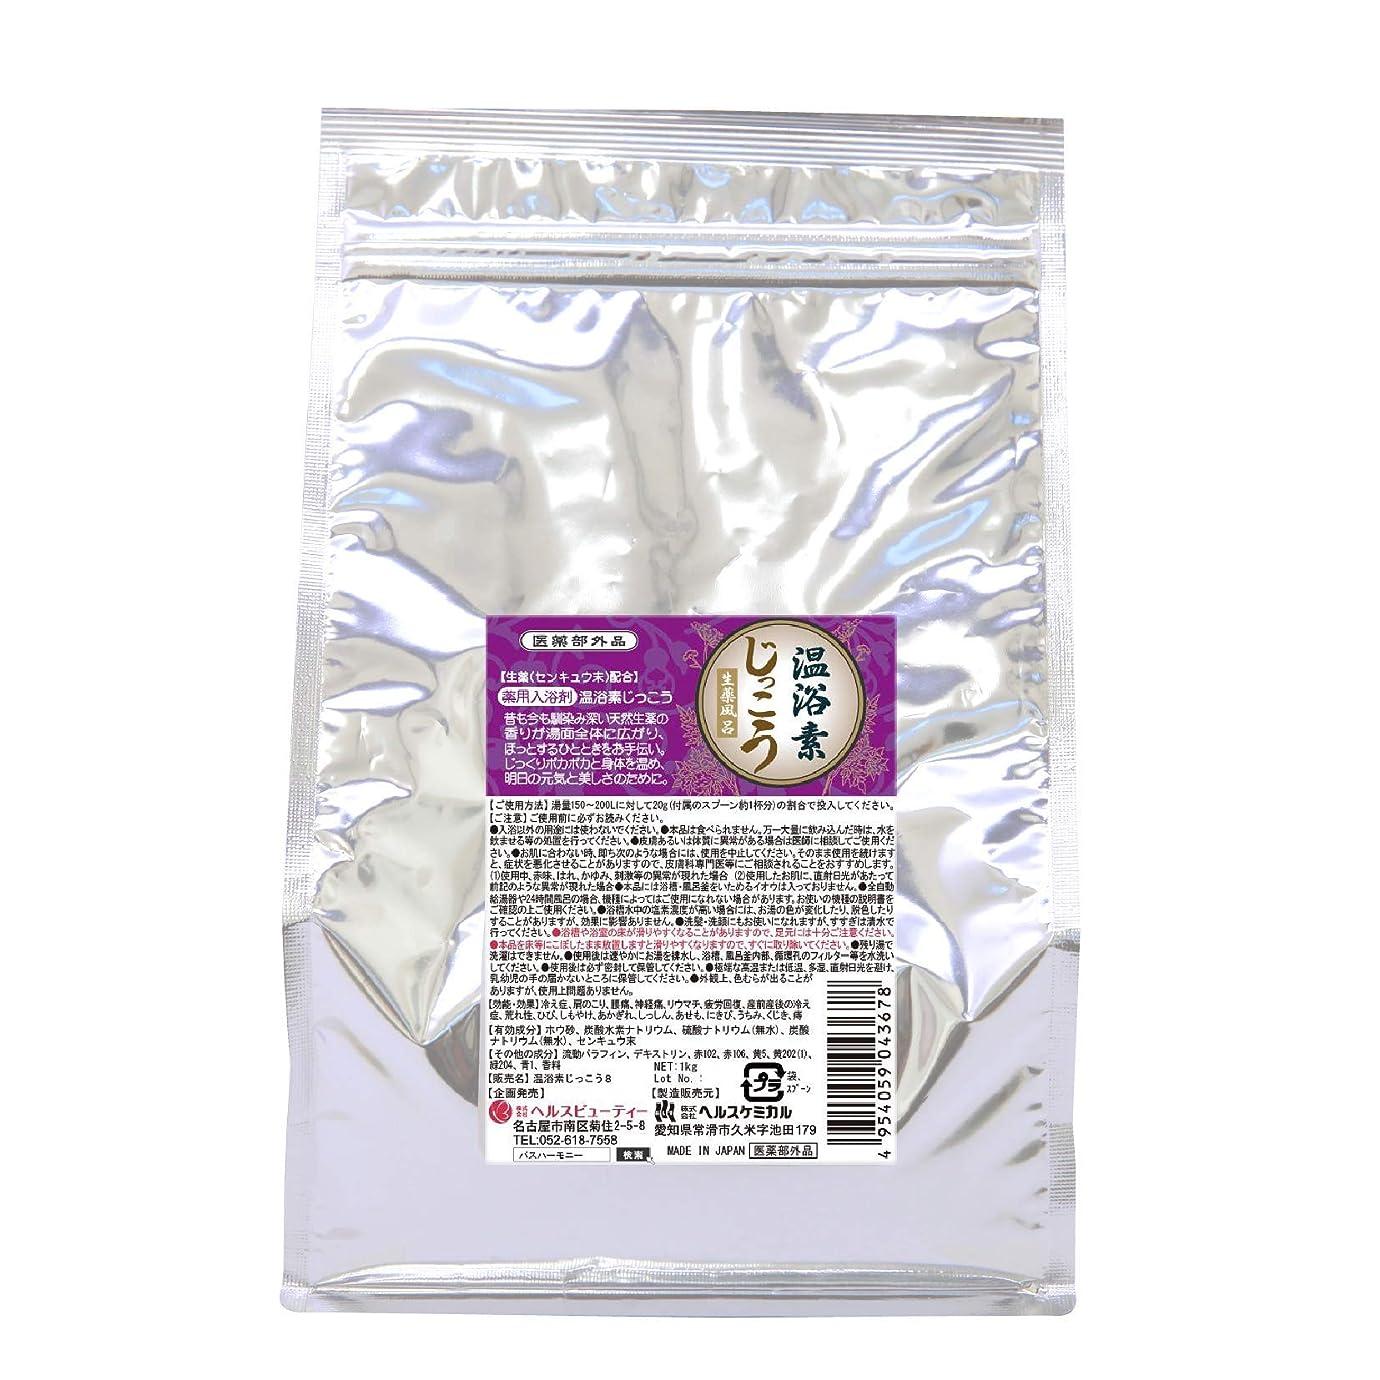 用心深い伝導ドル入浴剤 湯匠仕込 温浴素じっこう 生薬 薬湯 1kg 50回分 お徳用 医薬部外品